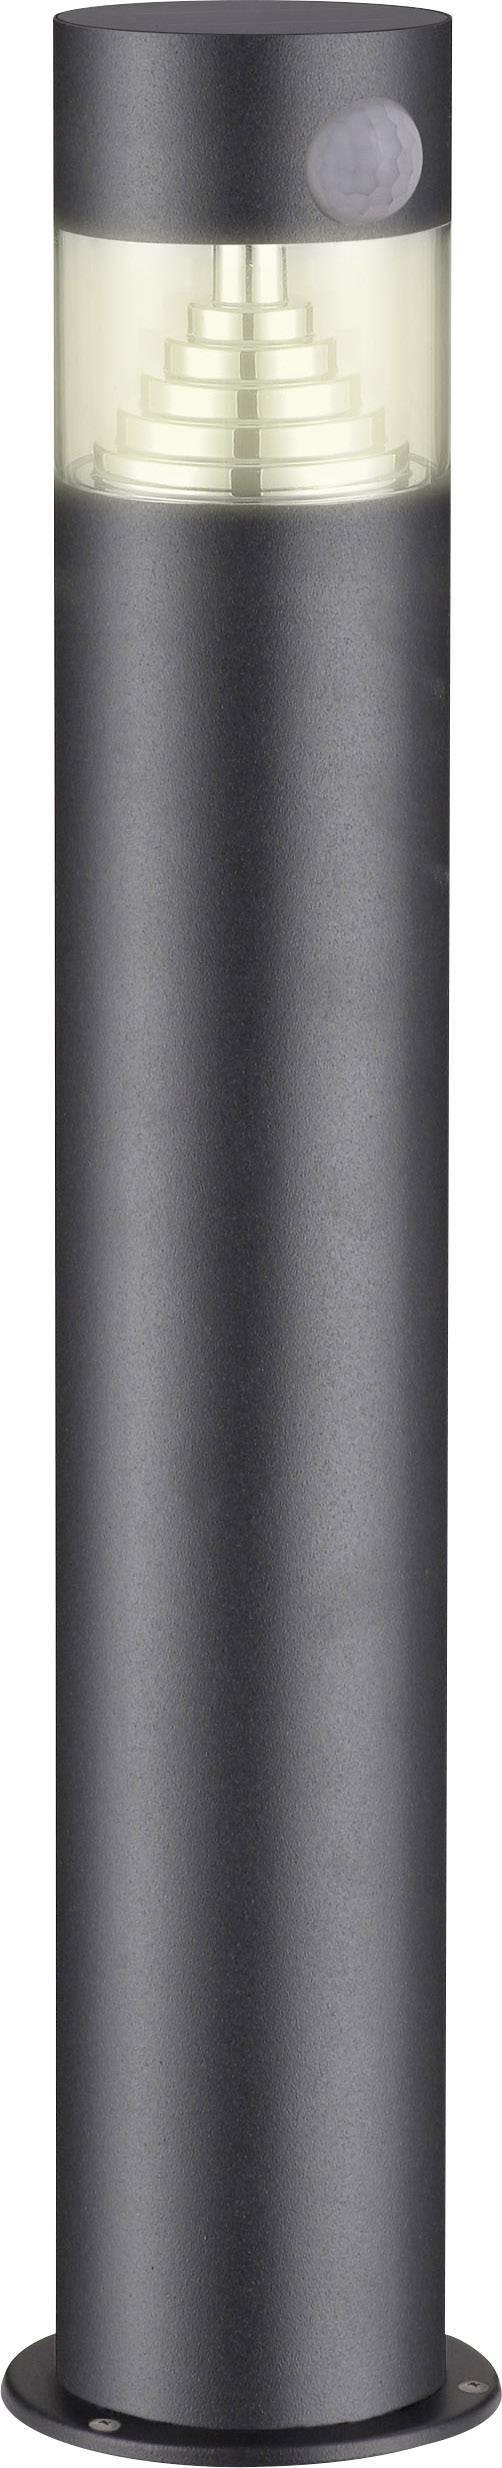 Solární zahradní svítidlo s PIR detektorem Polarlite DC05PIR PL-8228620, teplá bílá, tmavě šedá